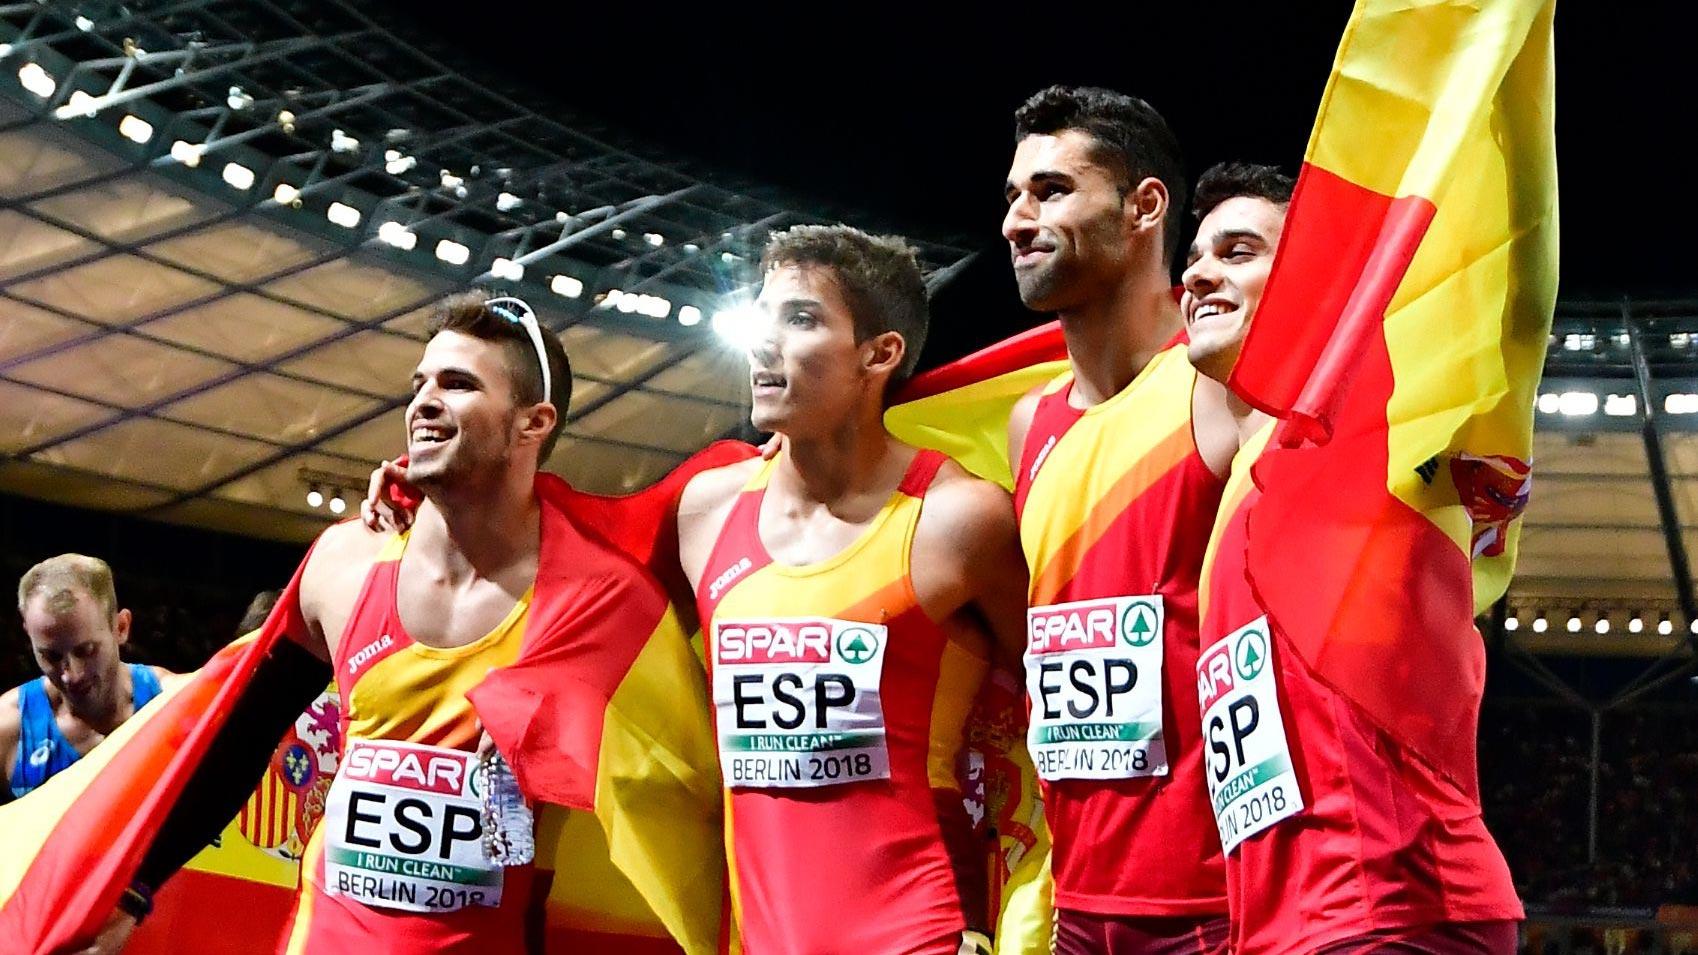 European Championships. Bronce del relevo 4x400m masculino